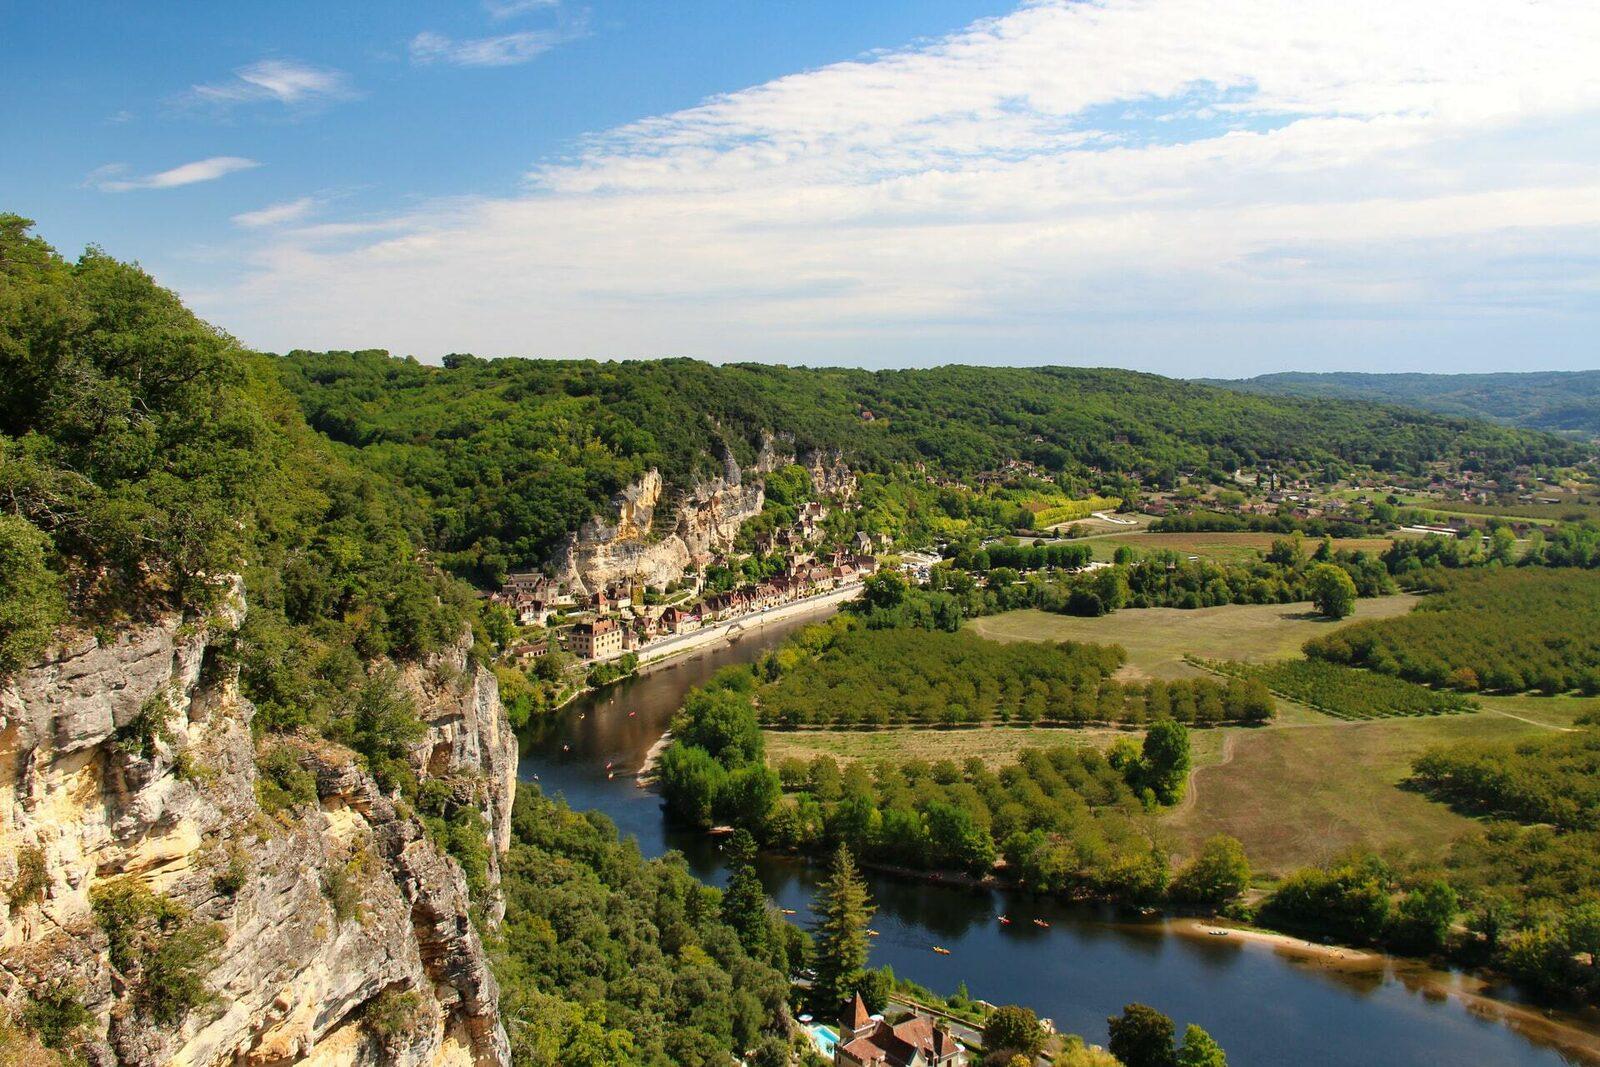 Een foto van een brug over de prachtige meanderende rivier de Dordogne.